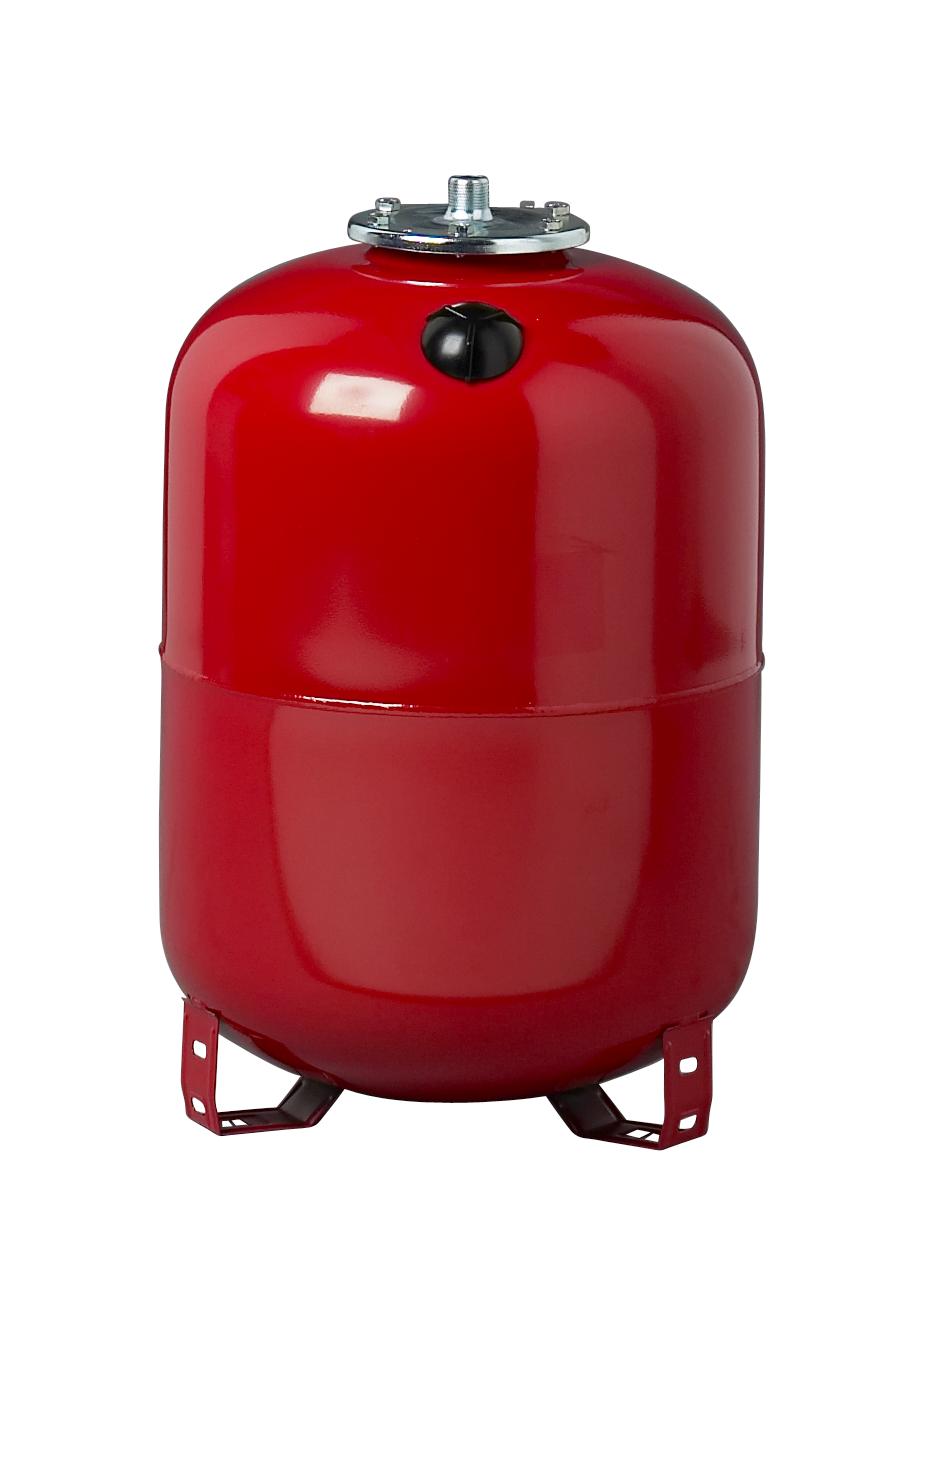 Ausdehnungsgefäß für Heizung 150 Liter mit Füßen